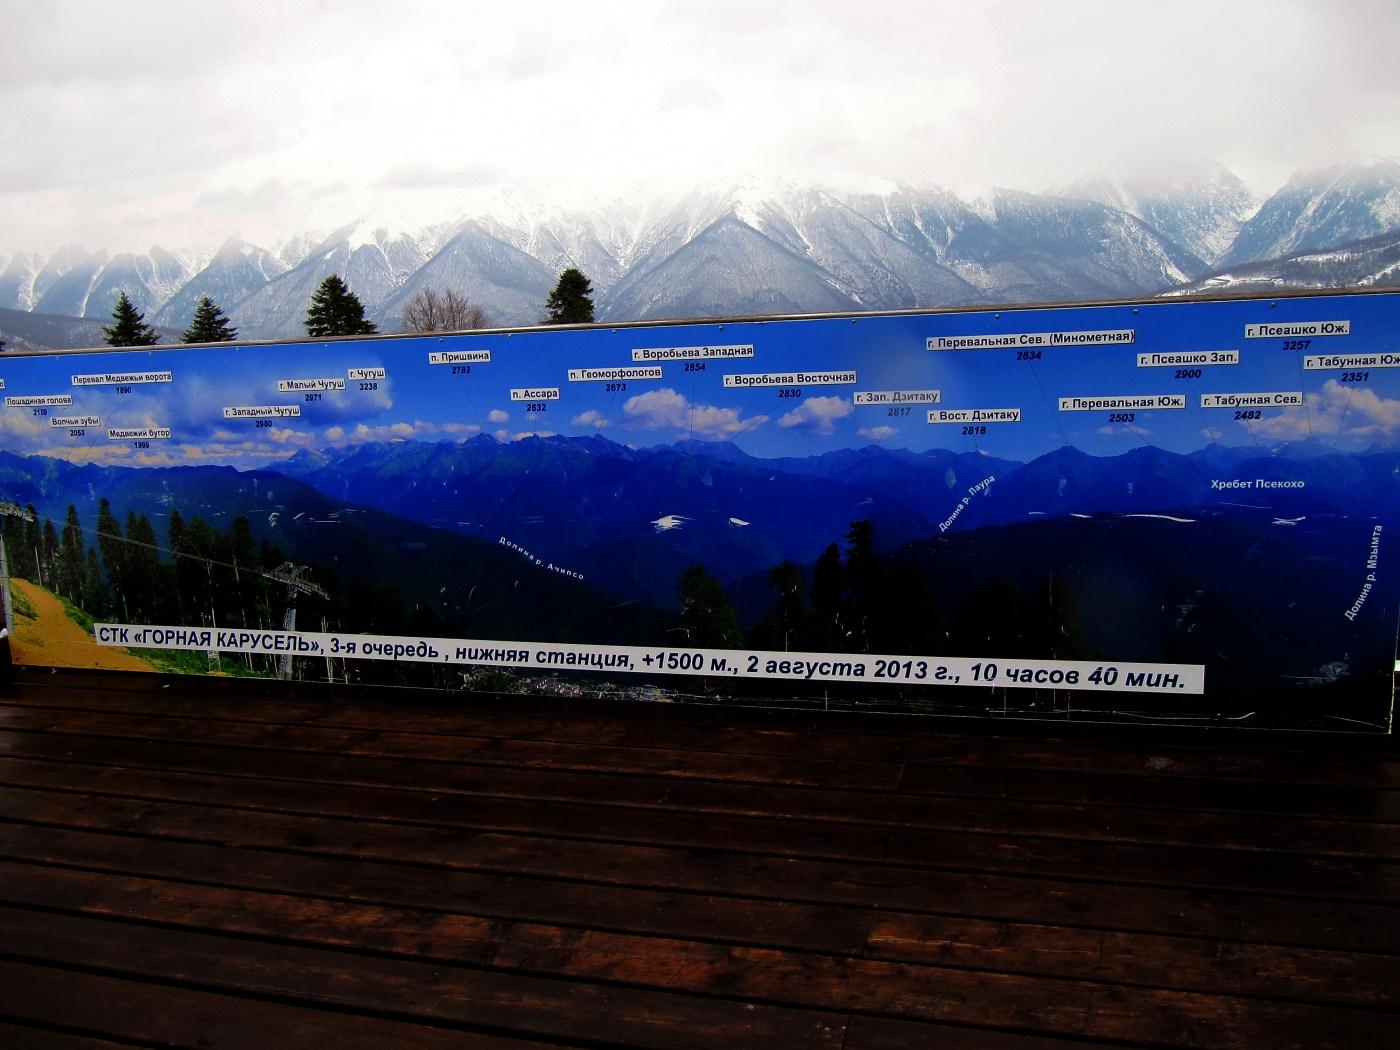 фотография, сделанная летом на фоне зимних гор